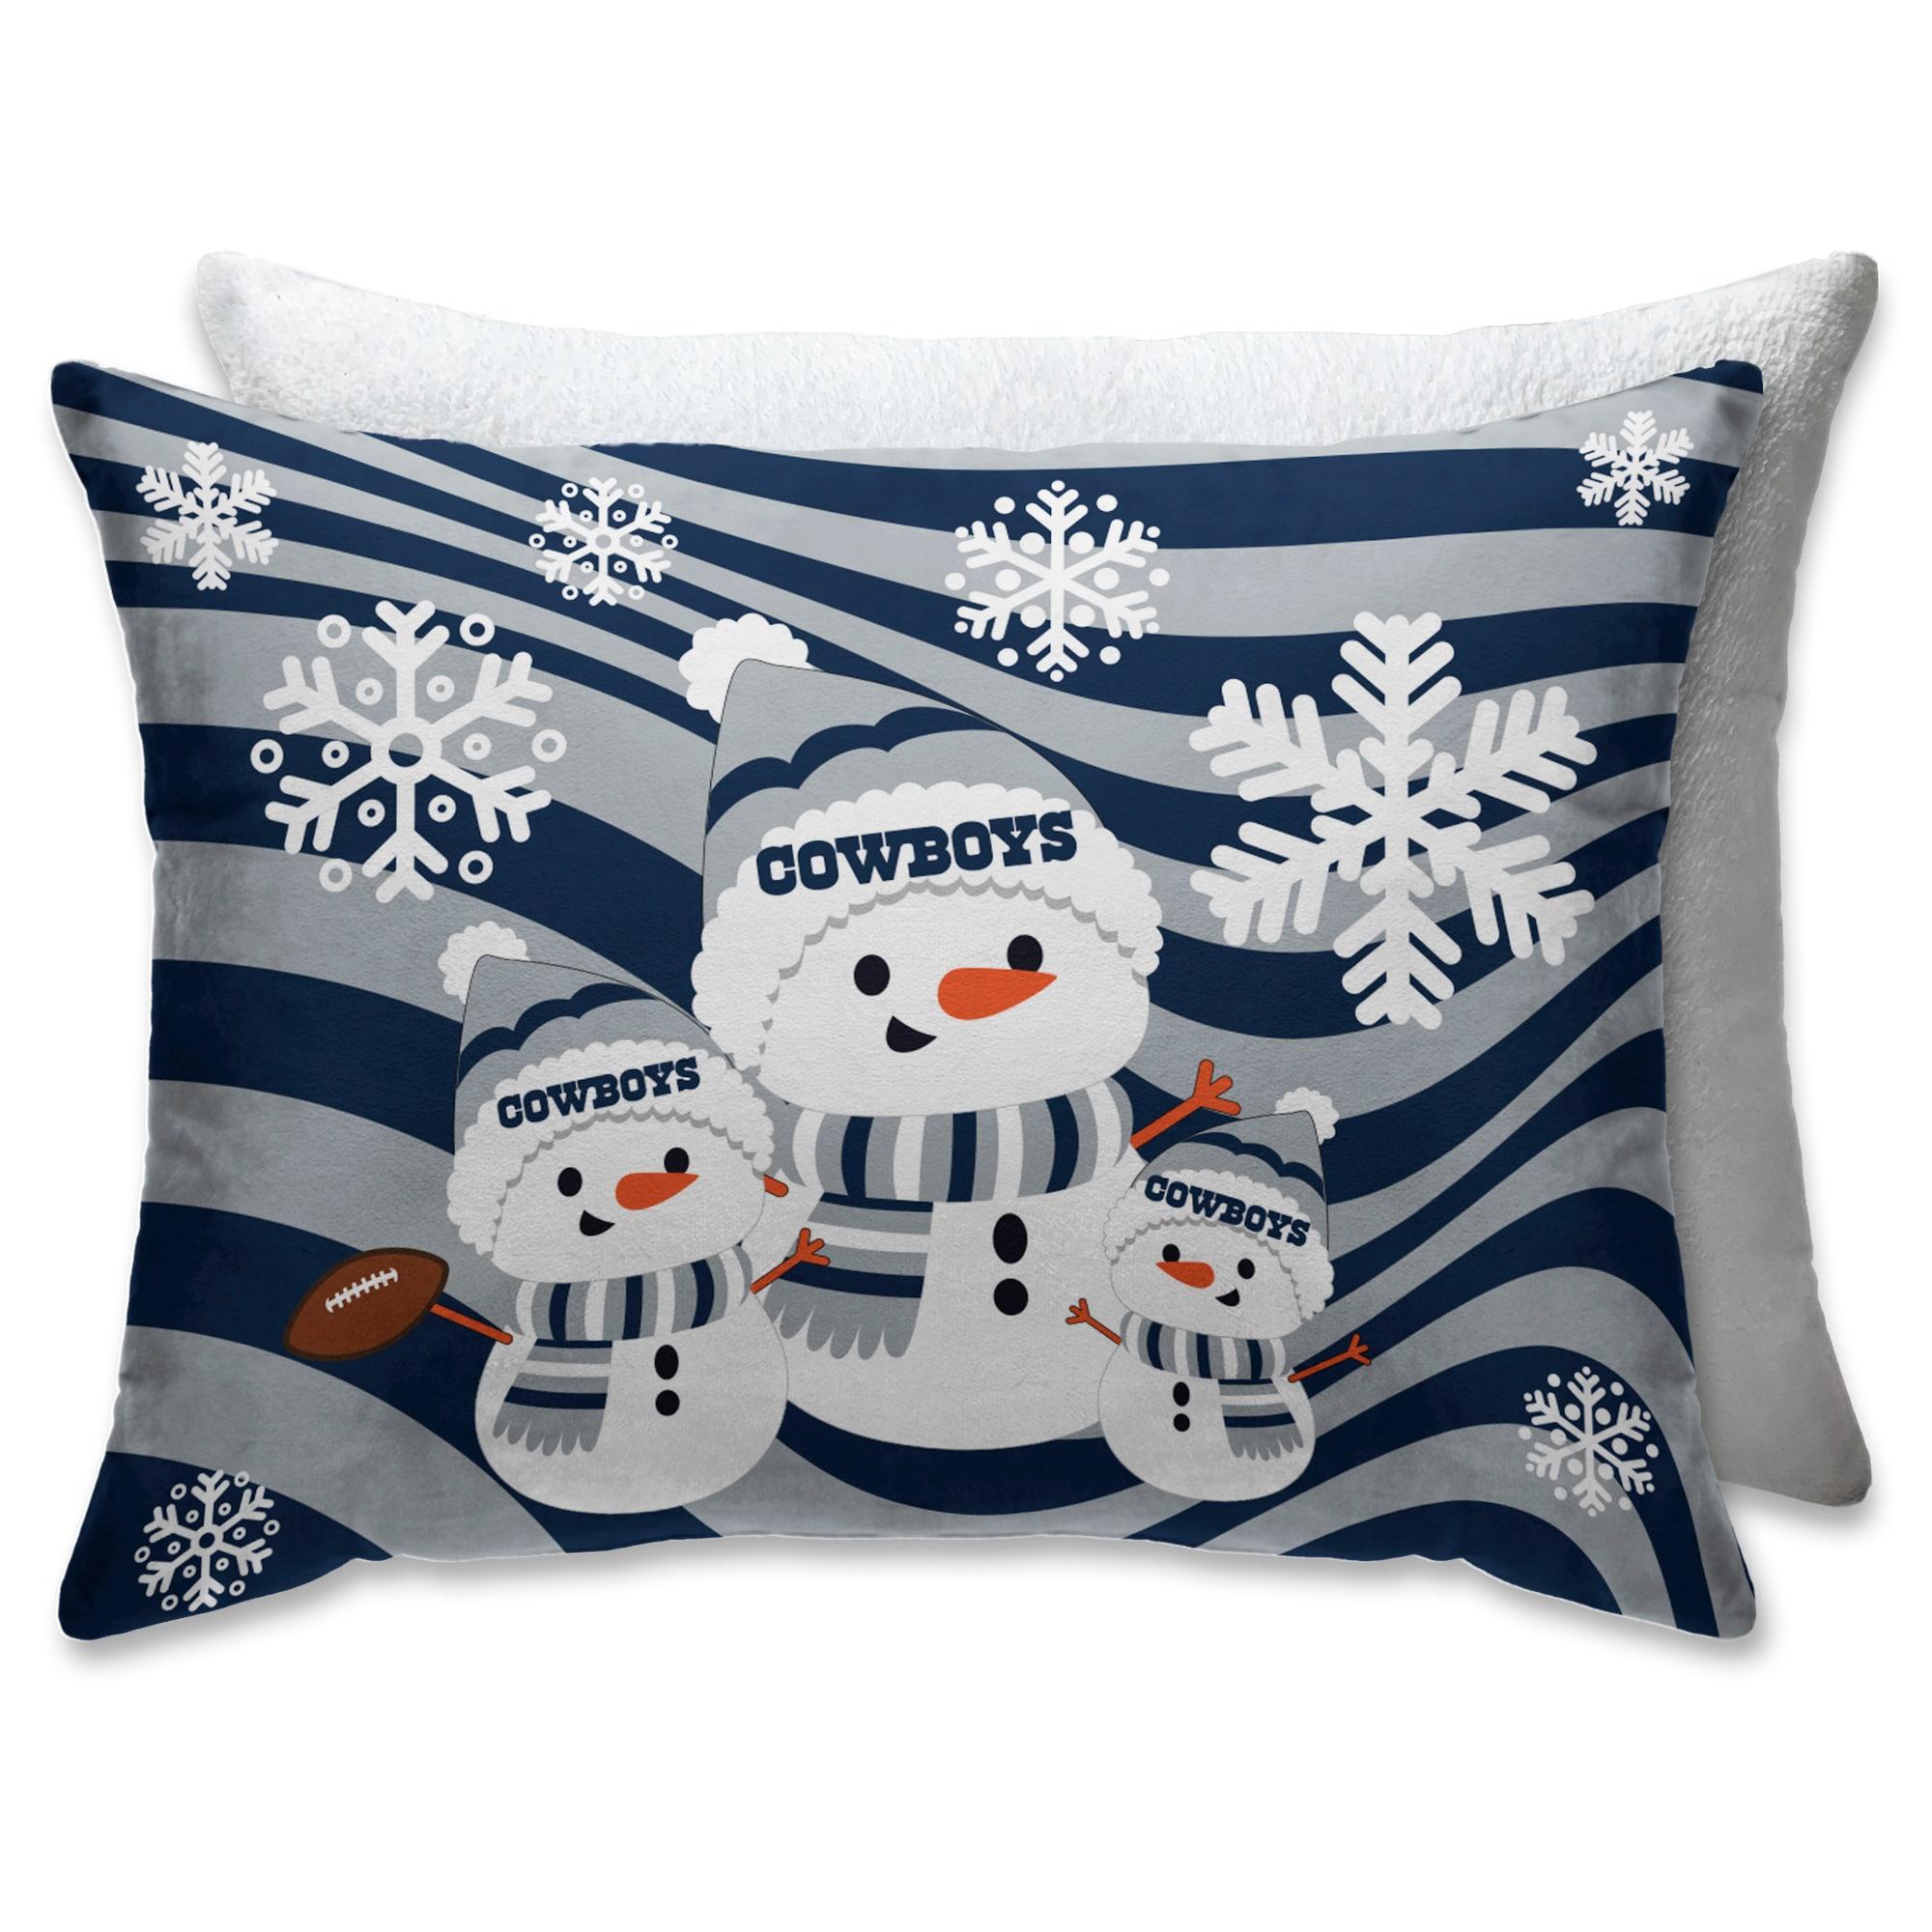 Dallas Cowboys 20 X 26 Holiday Team Snowman Bed Pillow Walmart Com Walmart Com